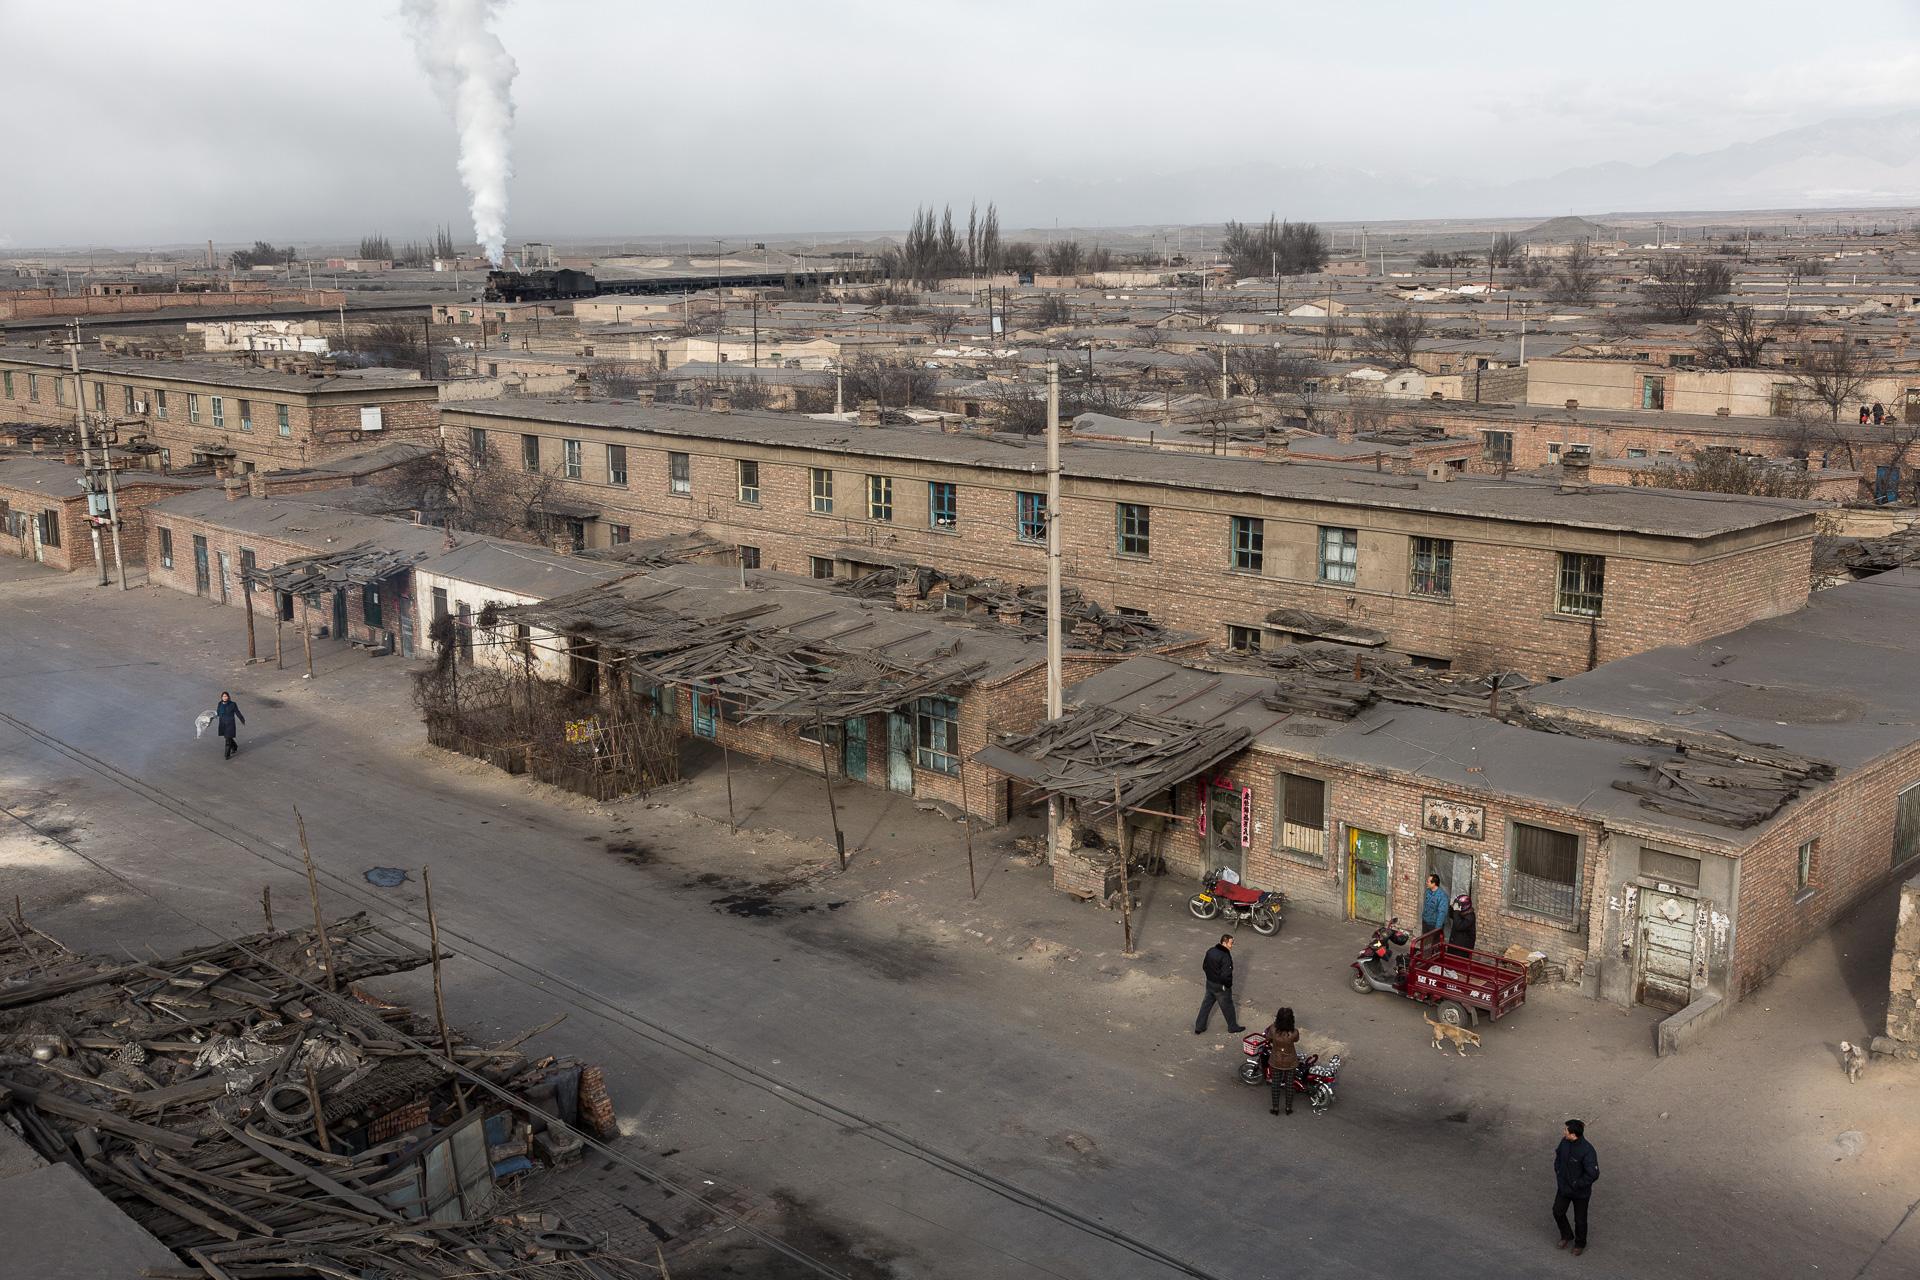 Blick vom Dach des Hospitals auf Arbeiterbehausungen...